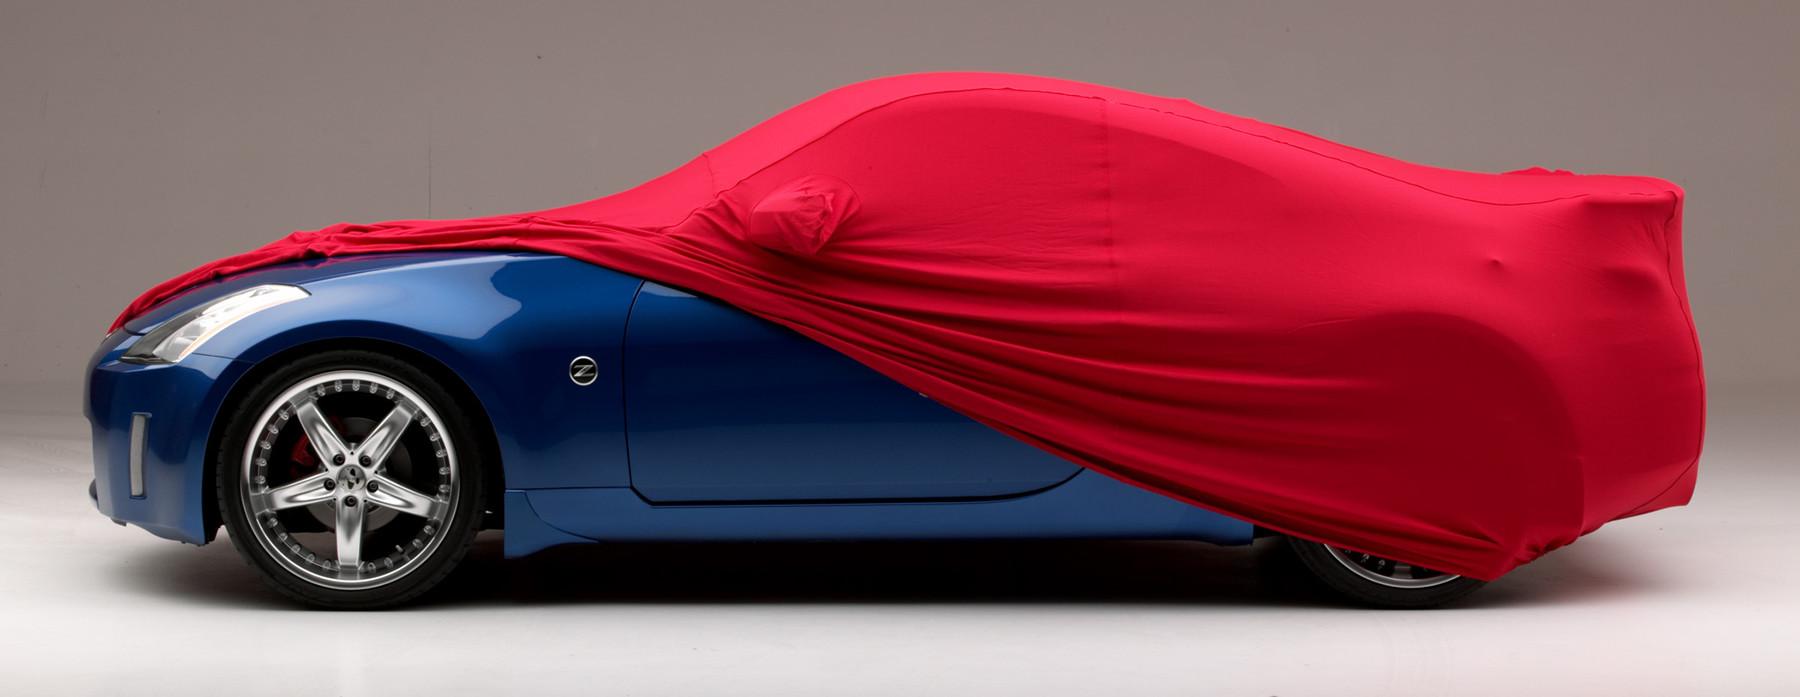 Exterior Vehicle Accessories Premium Car Covers